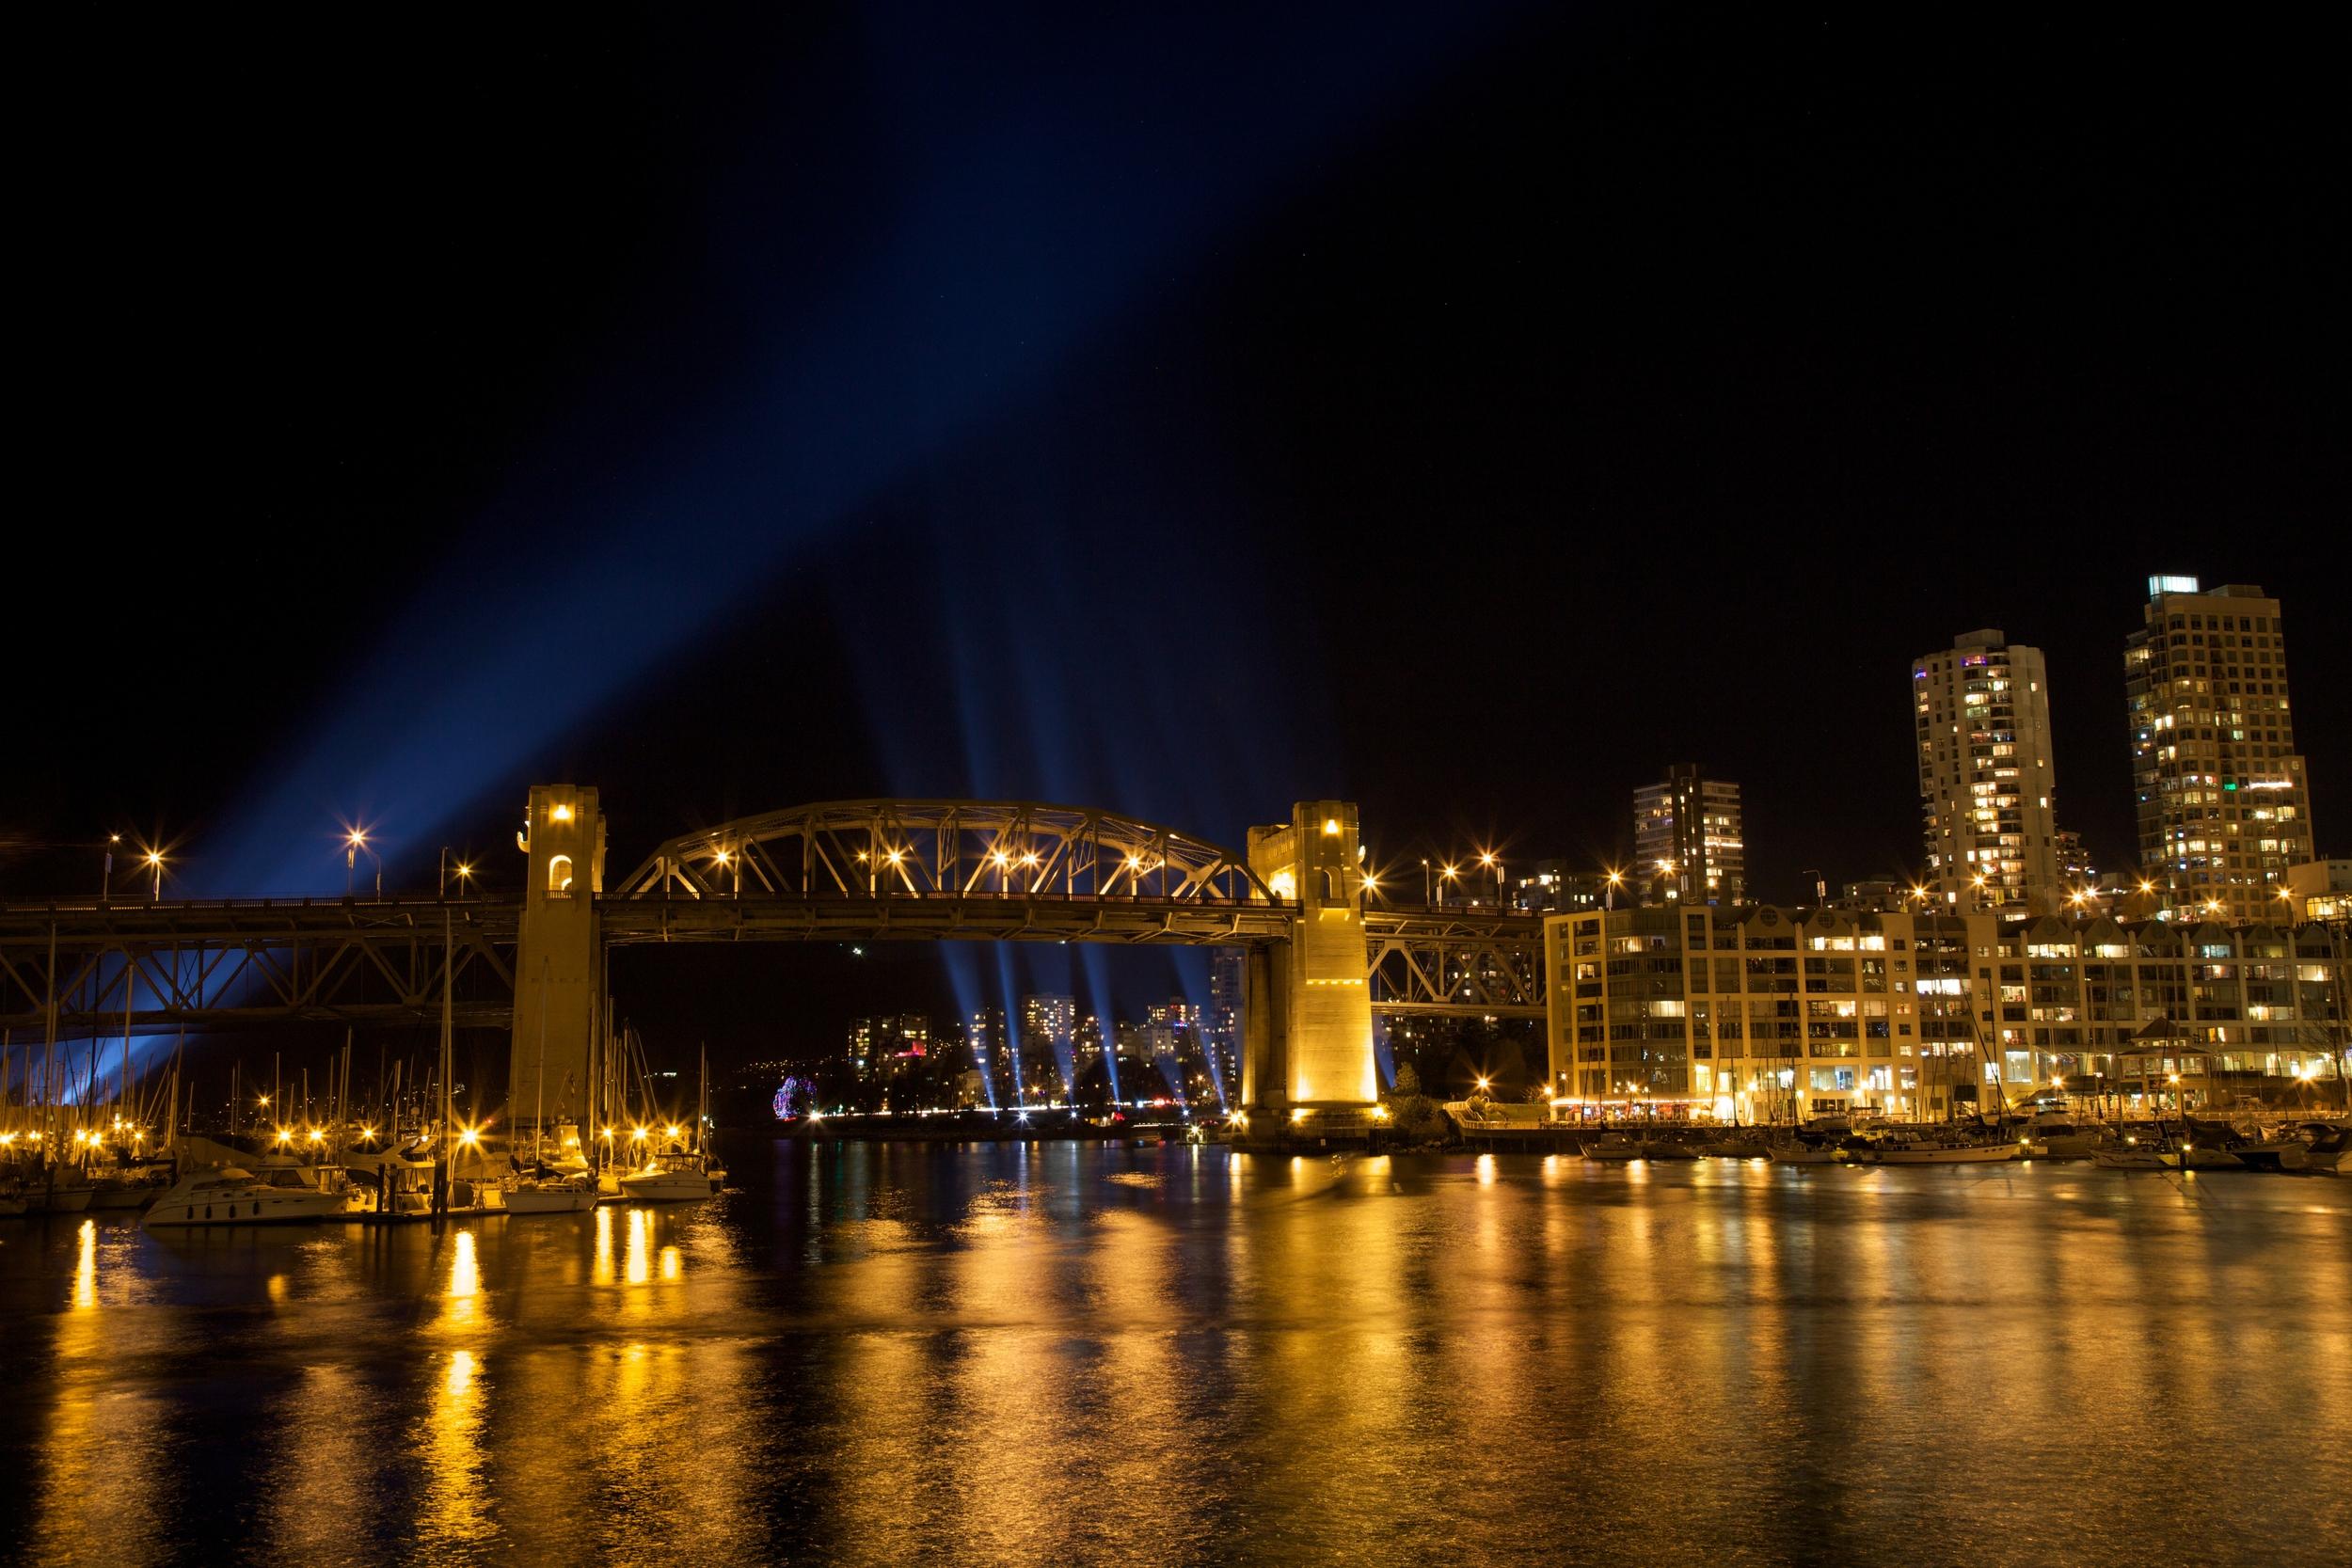 Vancouver2010++9892-796616605-O.jpg